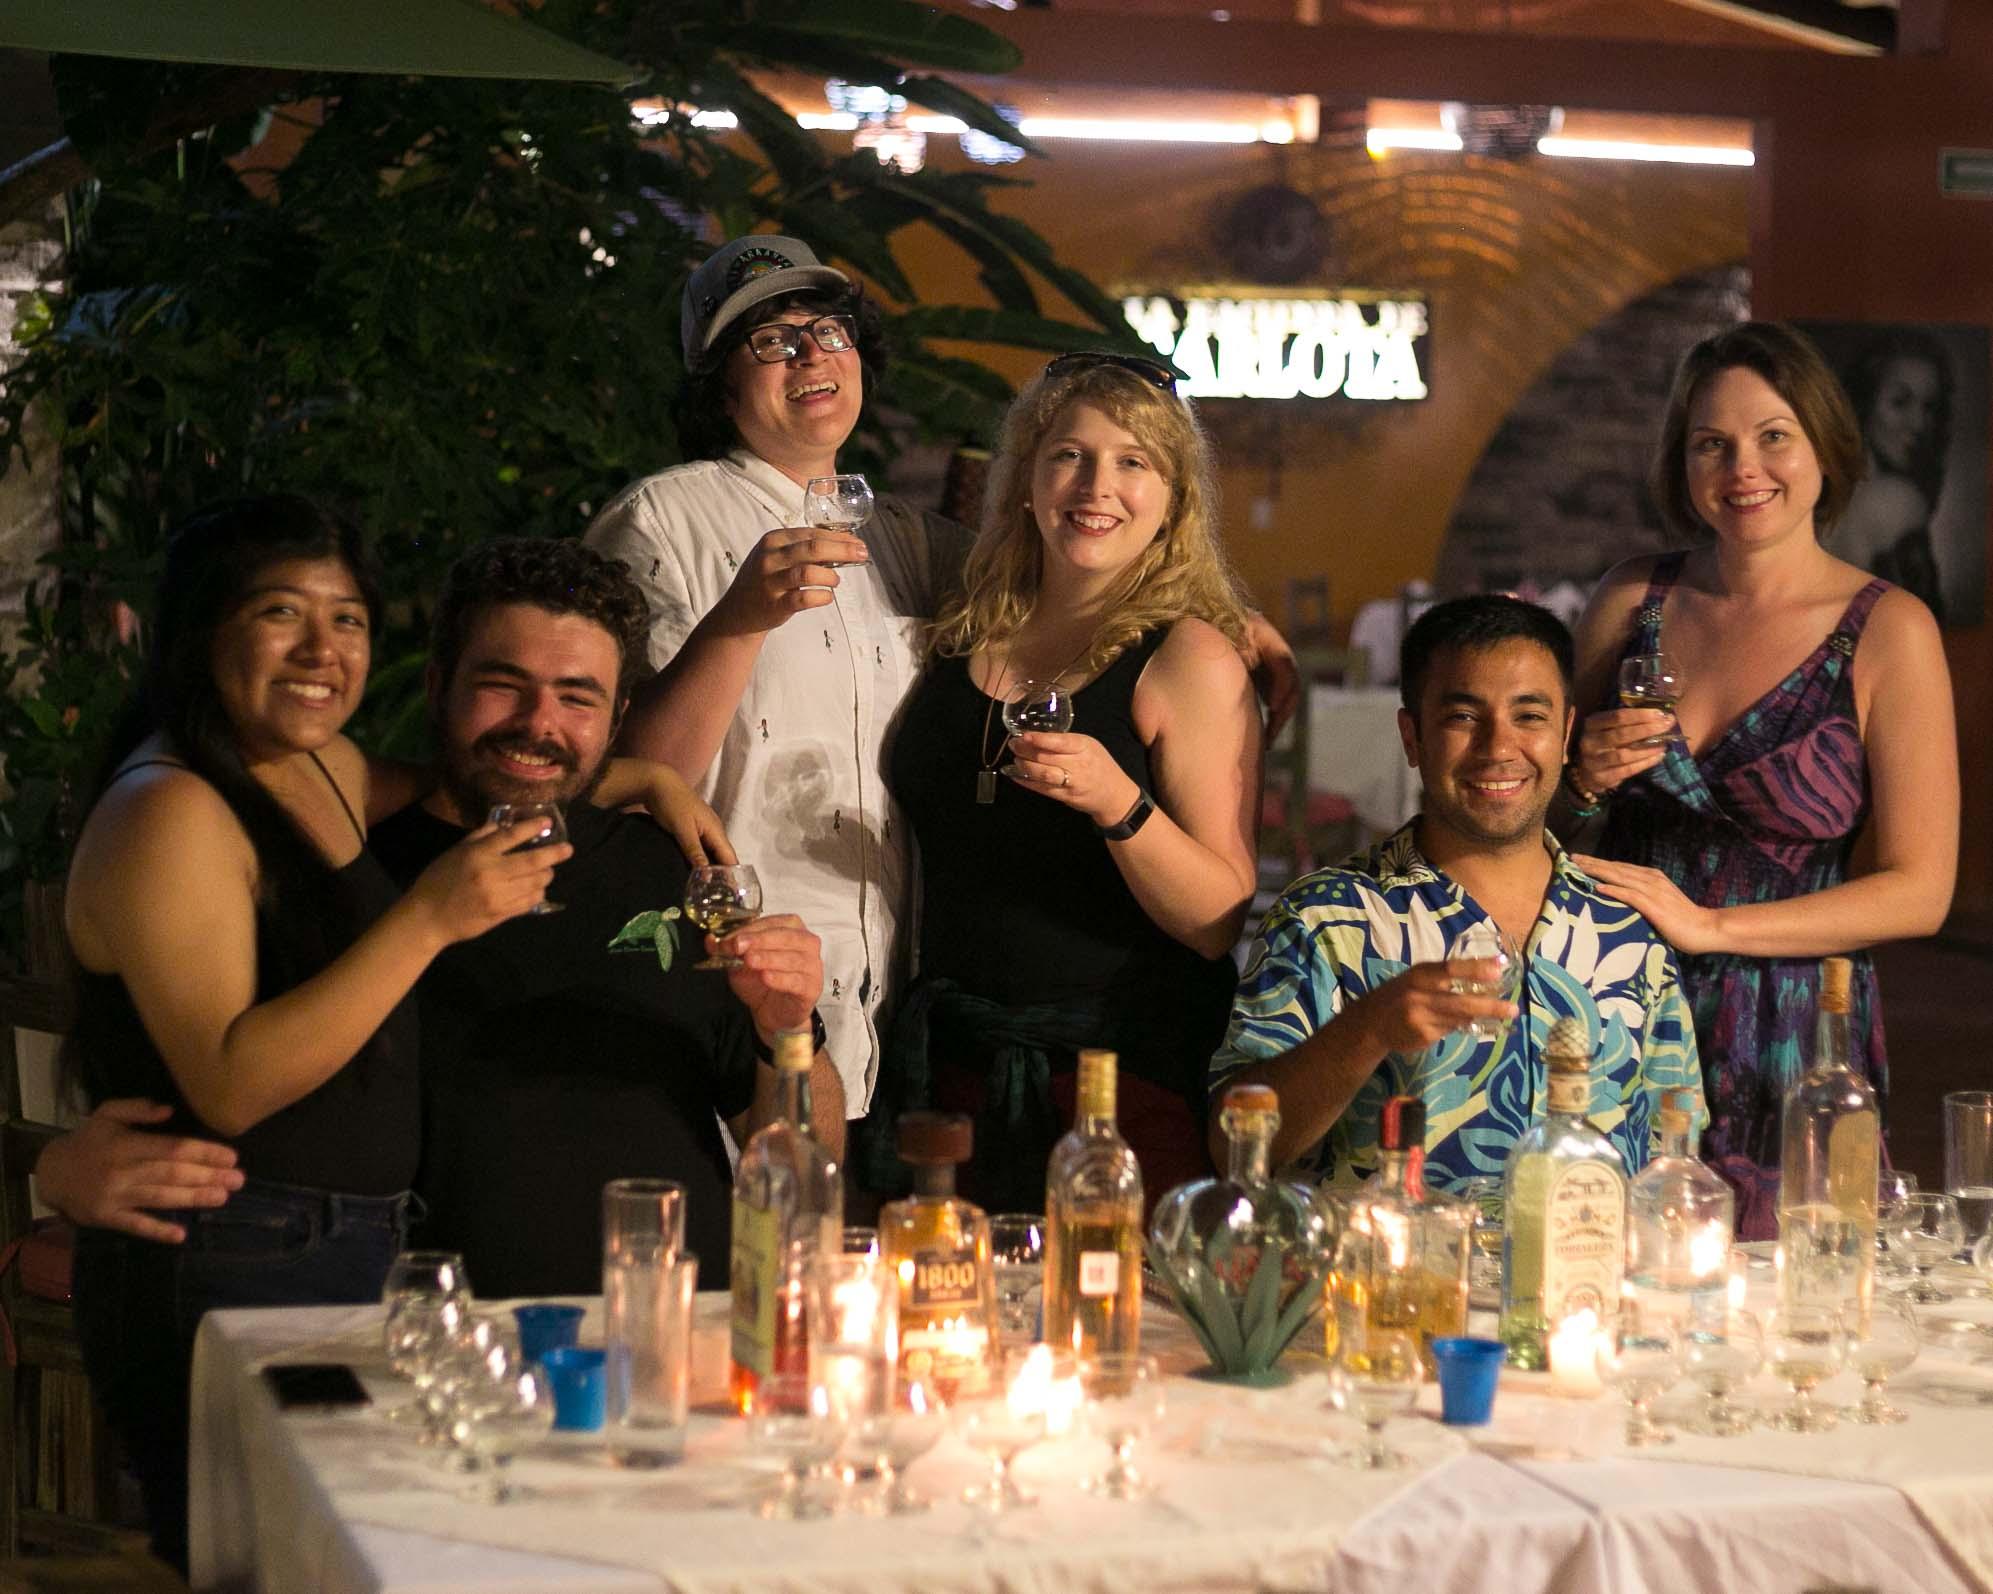 Tequila Tasting in Puerto Vallarta, Mezcal Tasting, Sotol Tasting, Bacanora Tasting, Raicilla Tasting in Puerto Vallarta with Food and Photo Tours